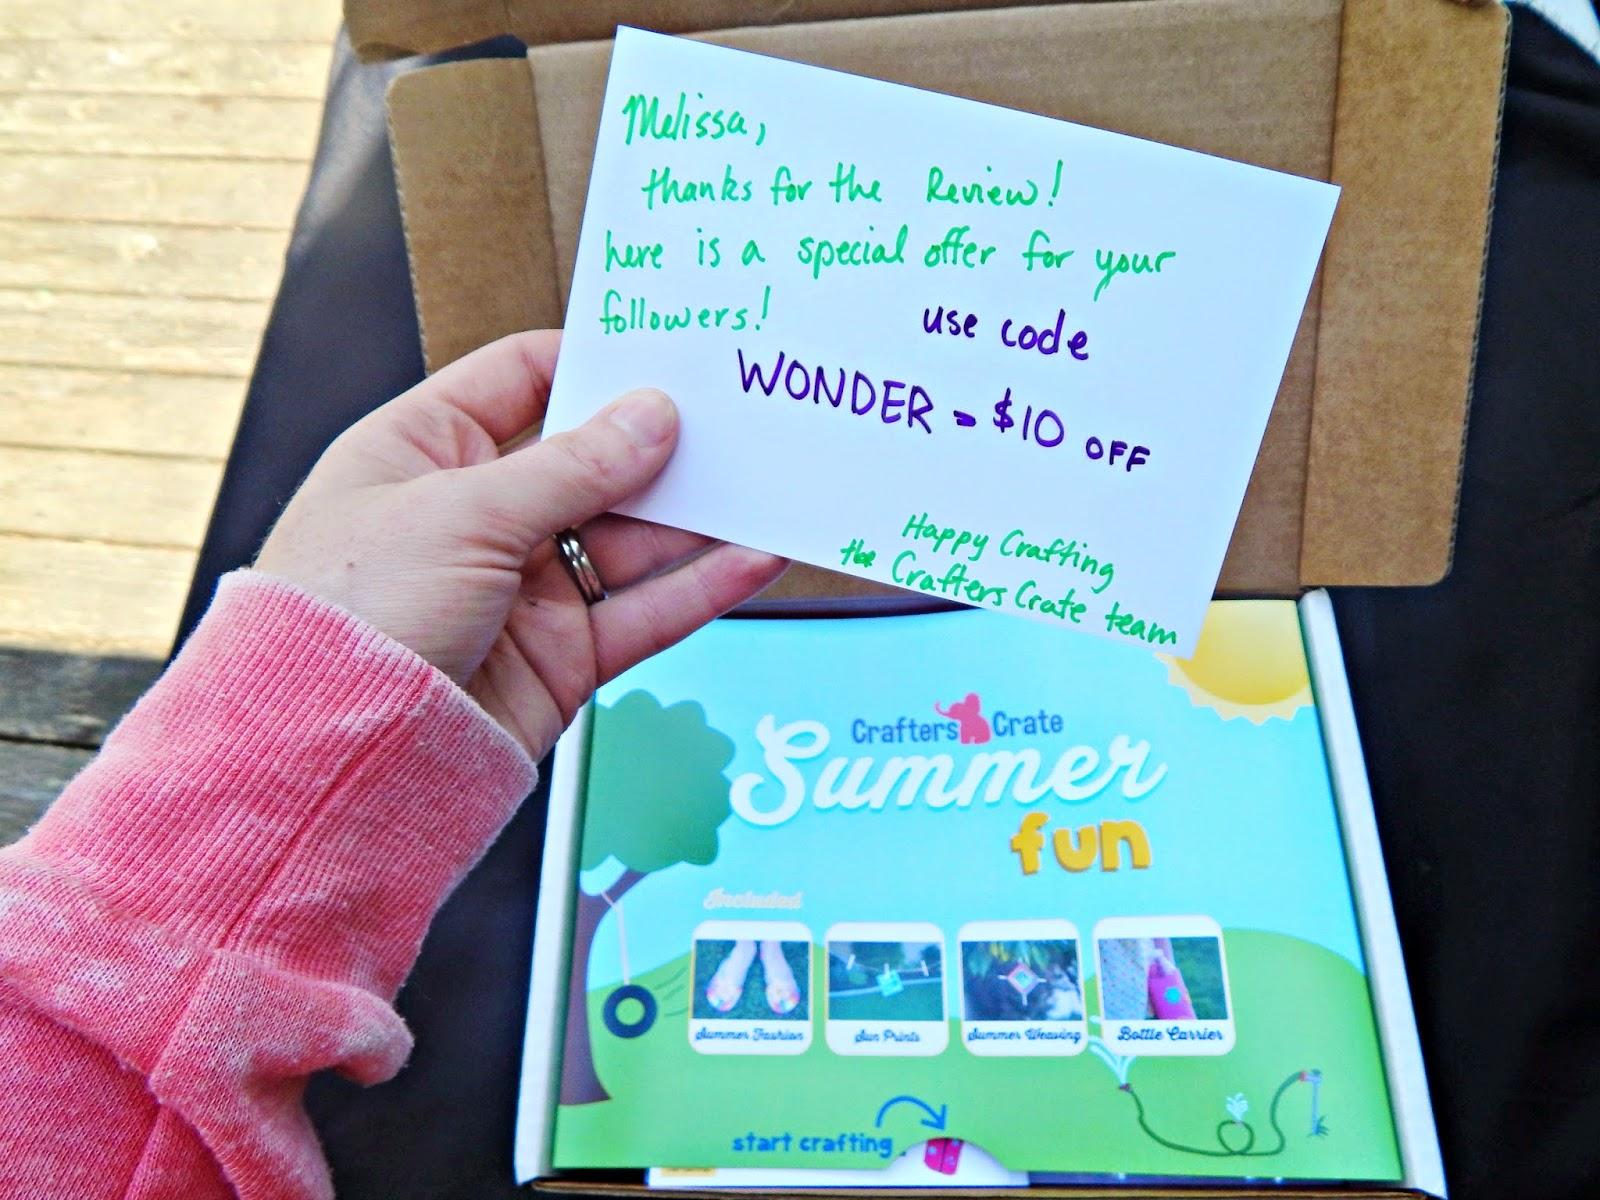 #crafterscrate summer craft ideas